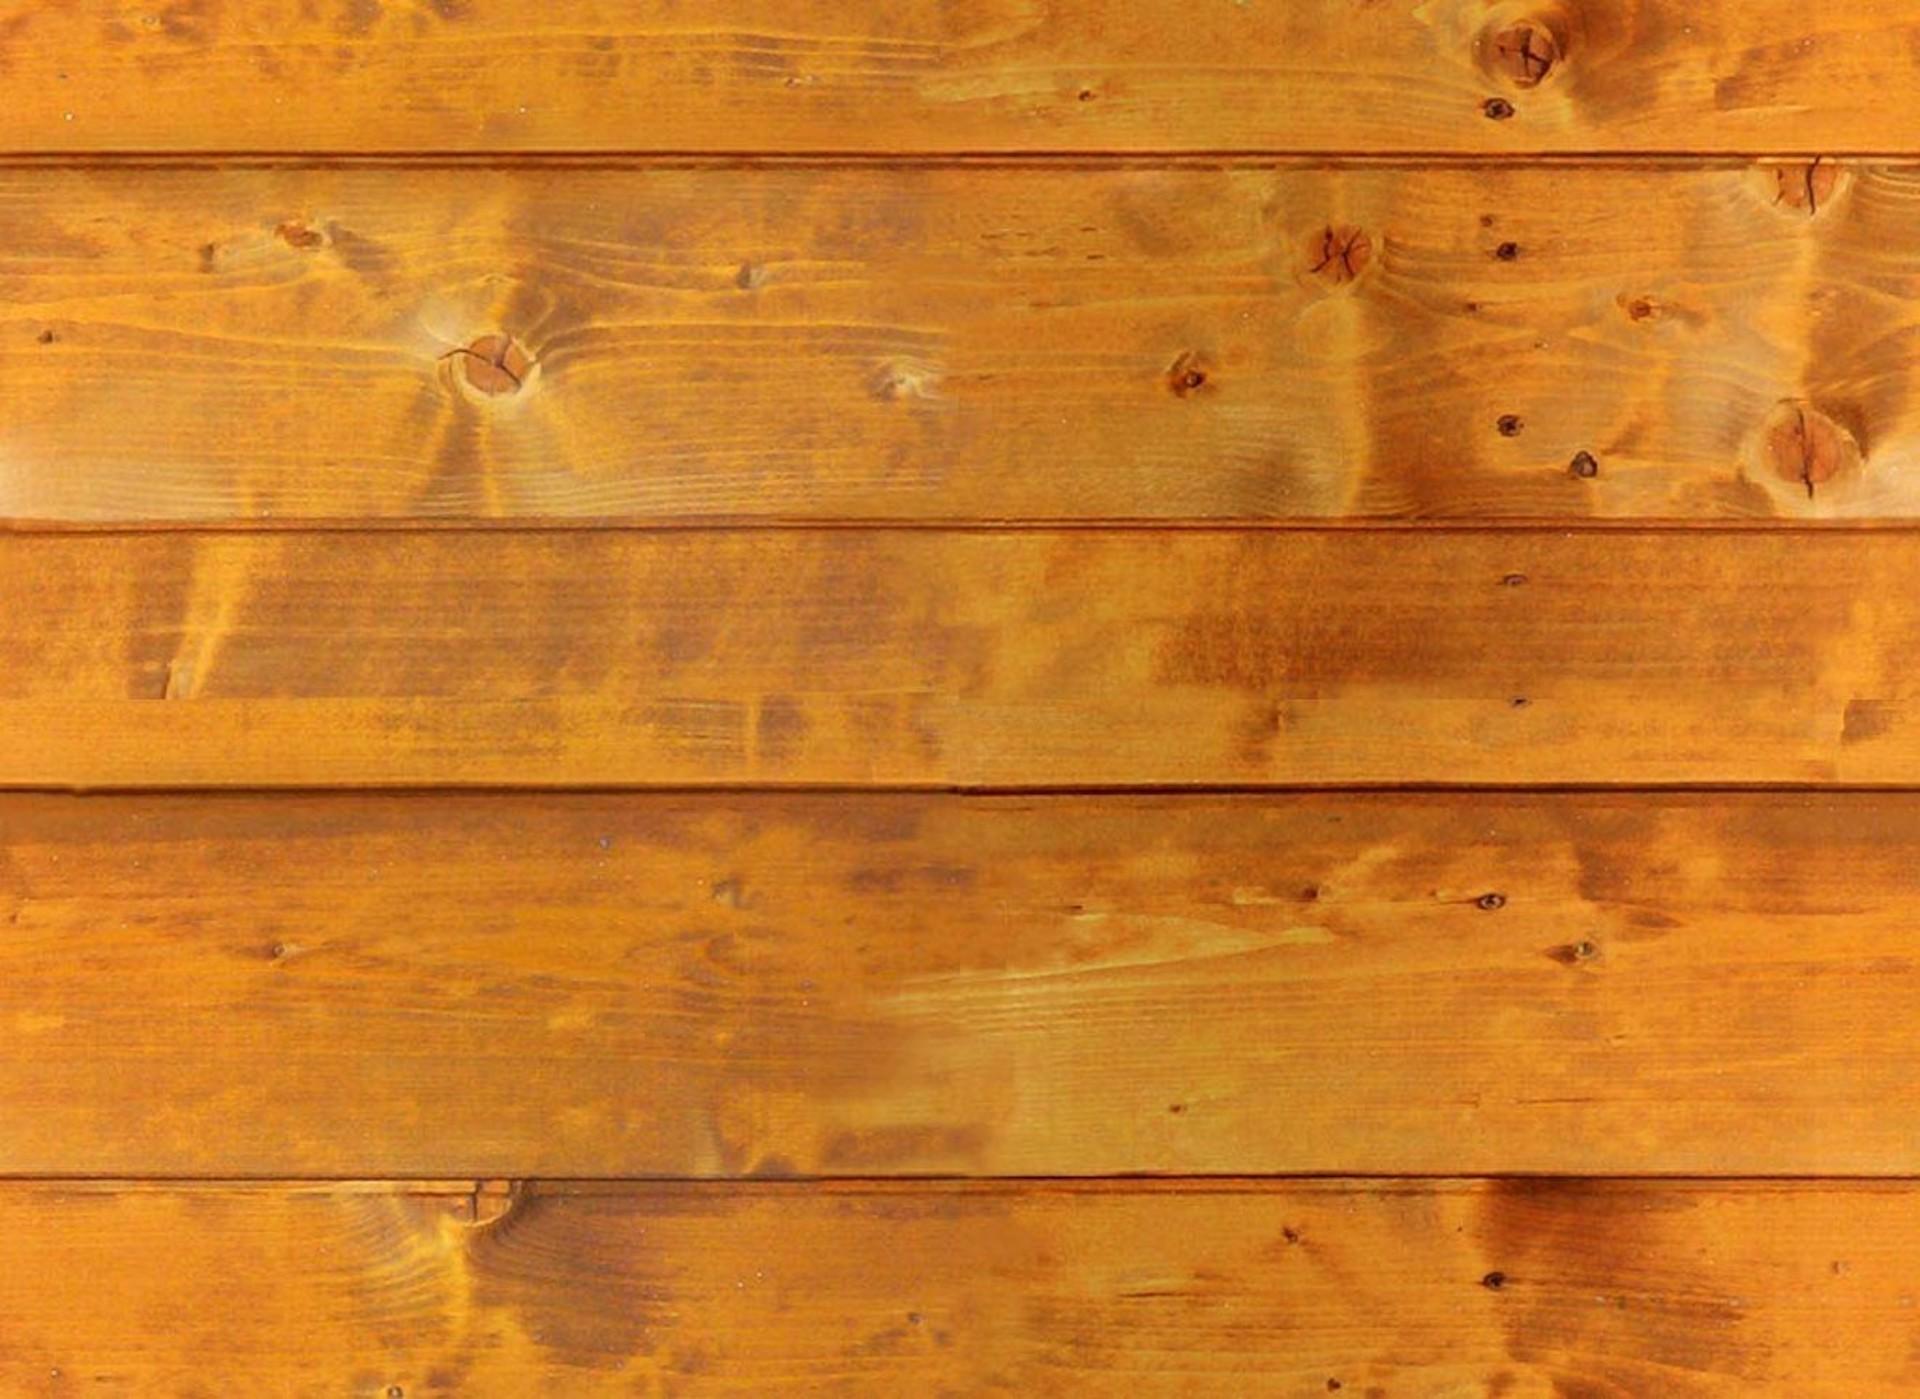 legno invecchiato   texture   download   c4dzone